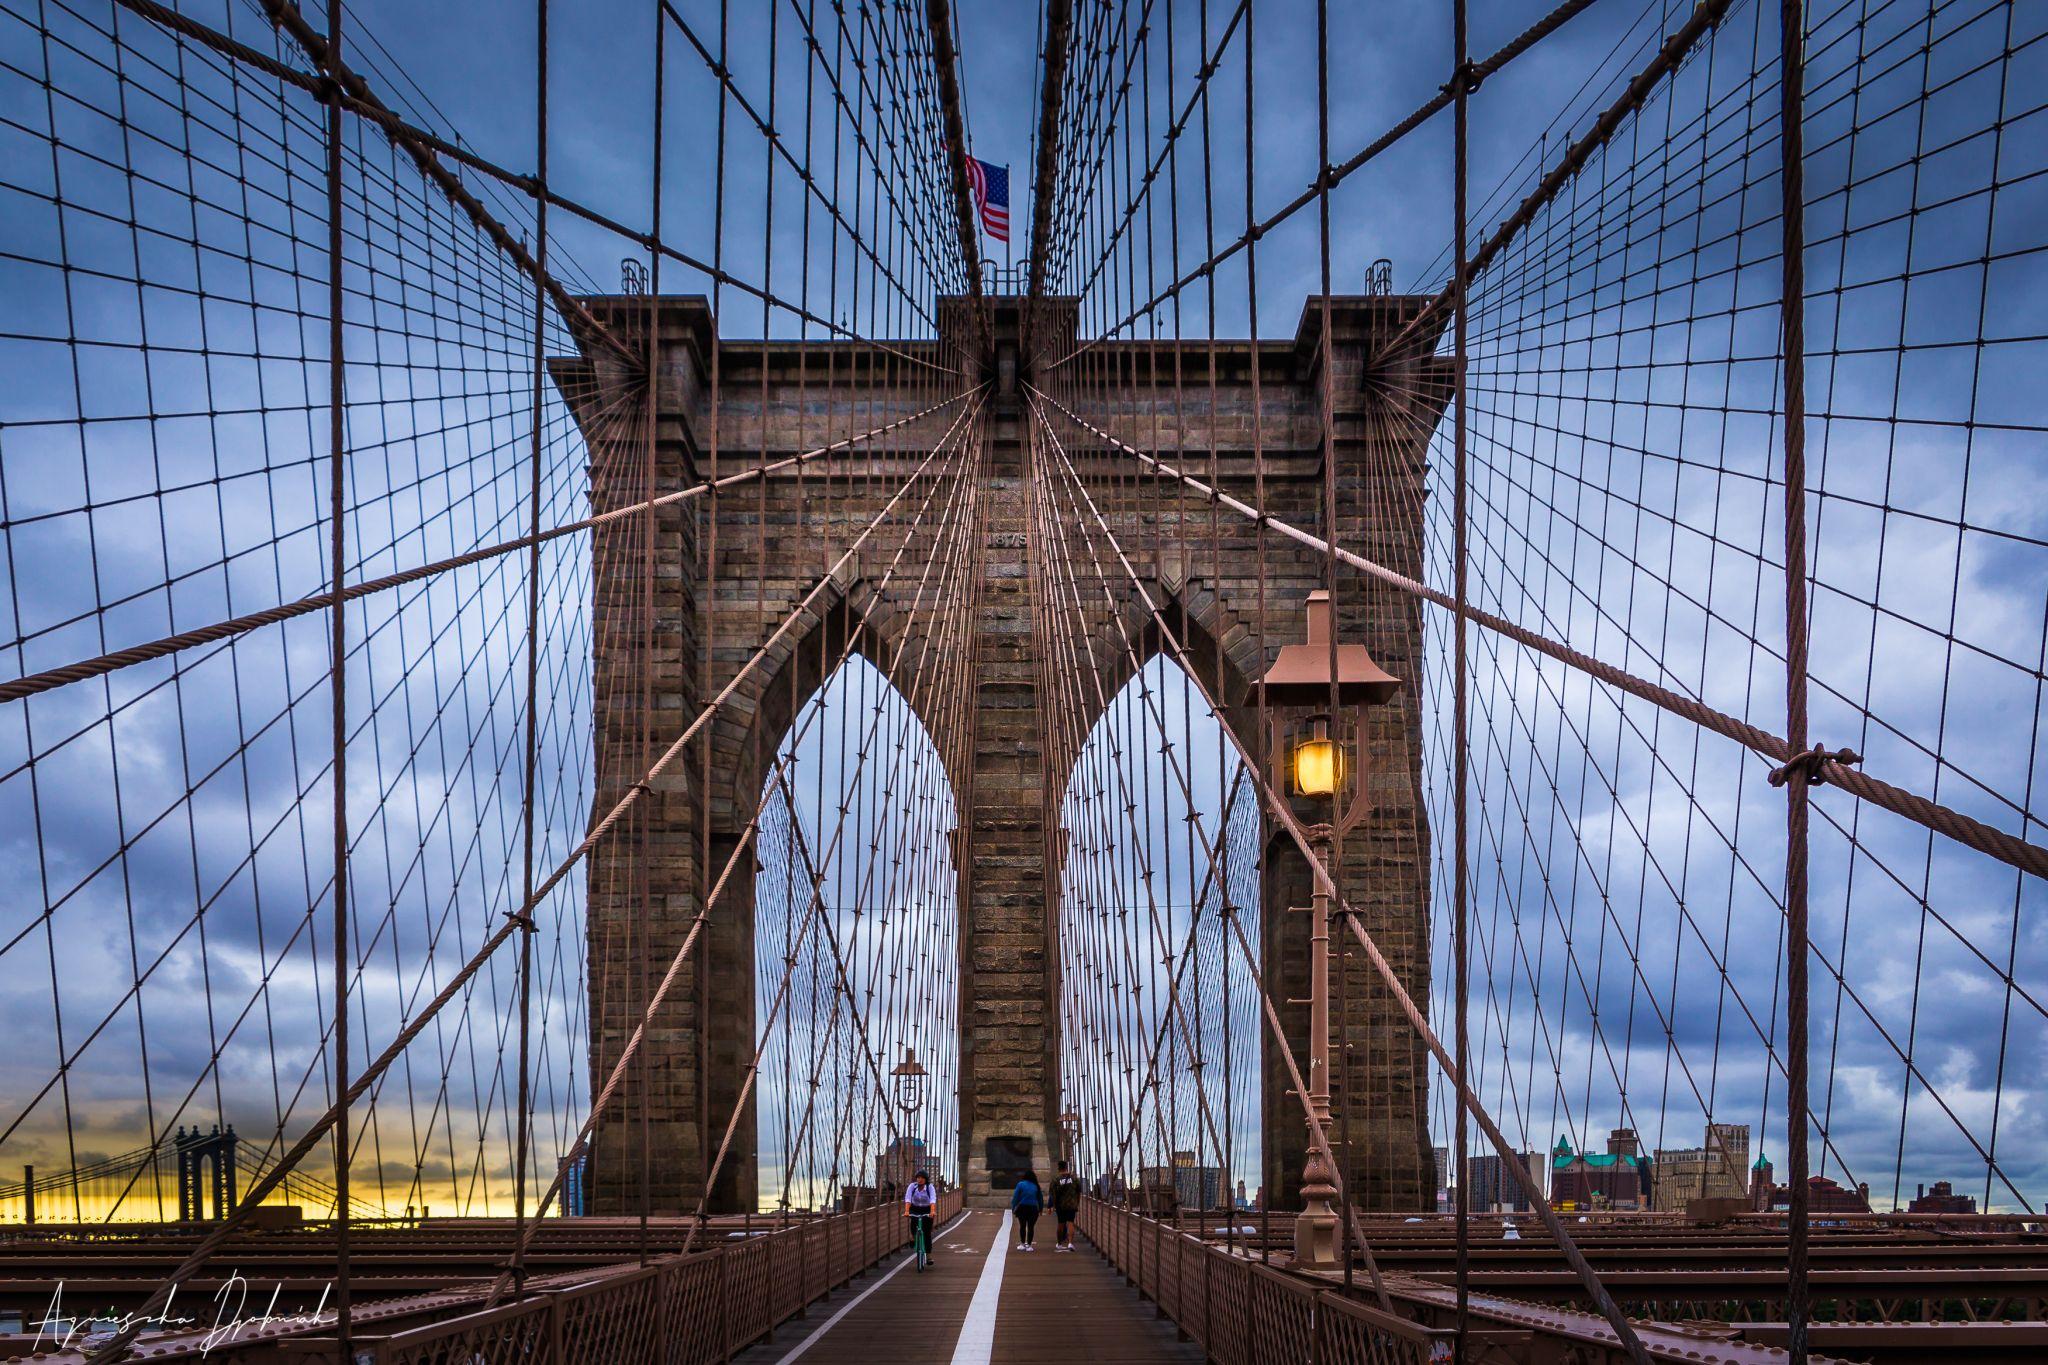 Brooklyn Bridge, NY City, USA